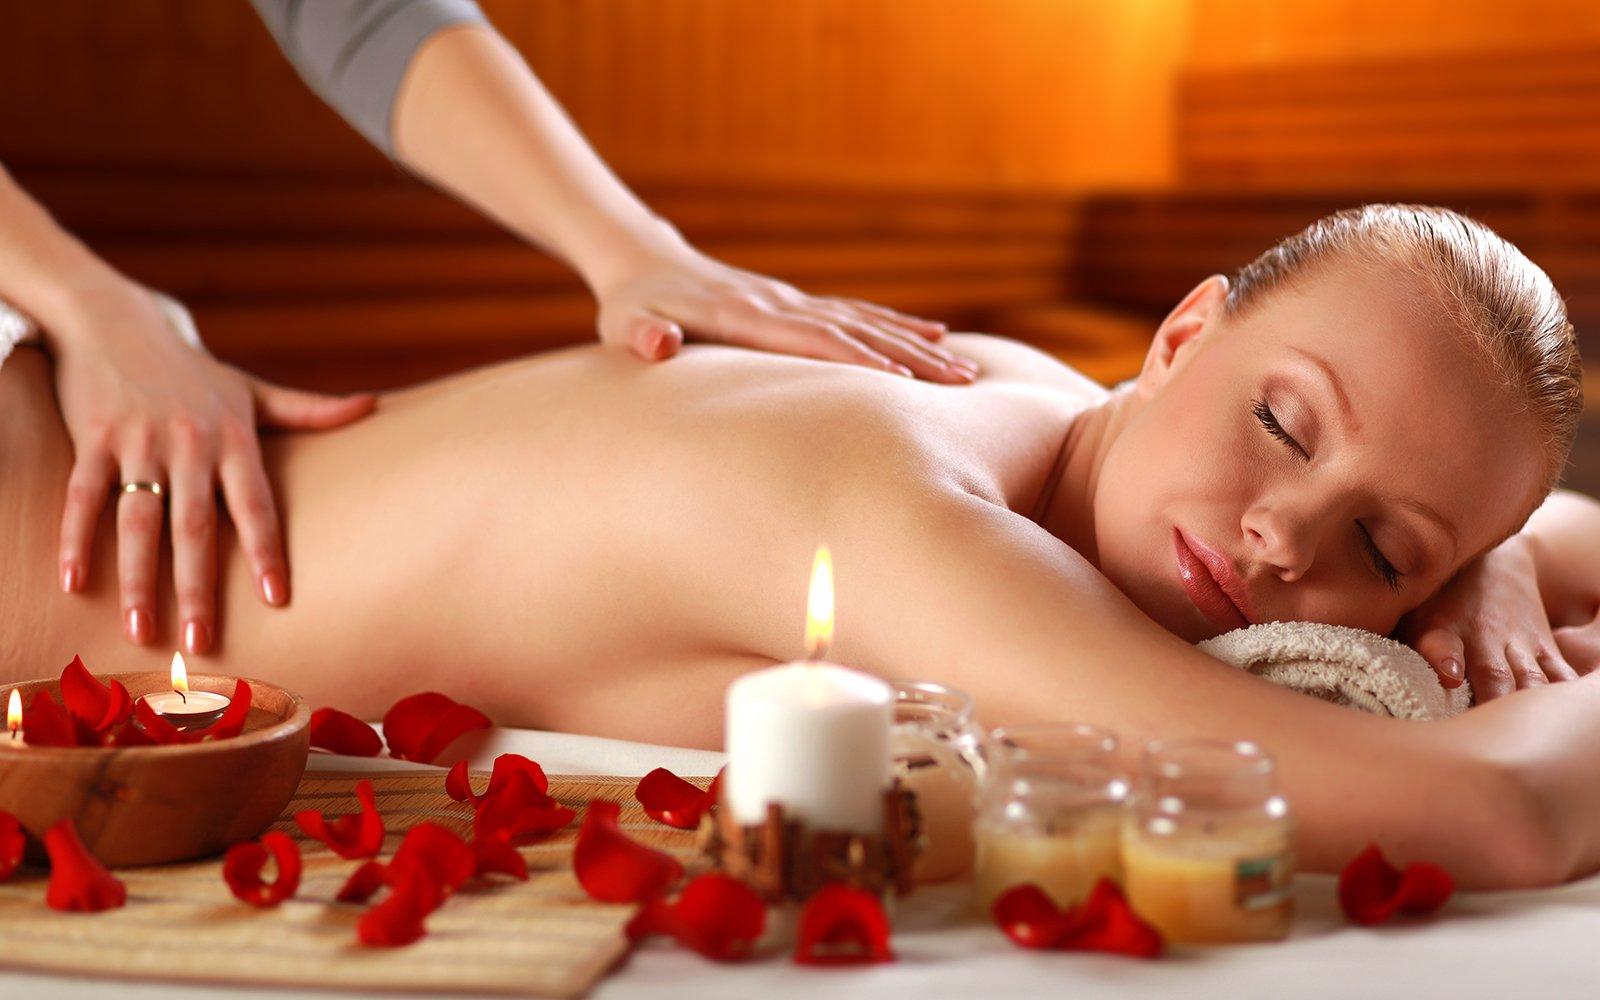 una donna a cui viene praticato un massaggio sulla schiena